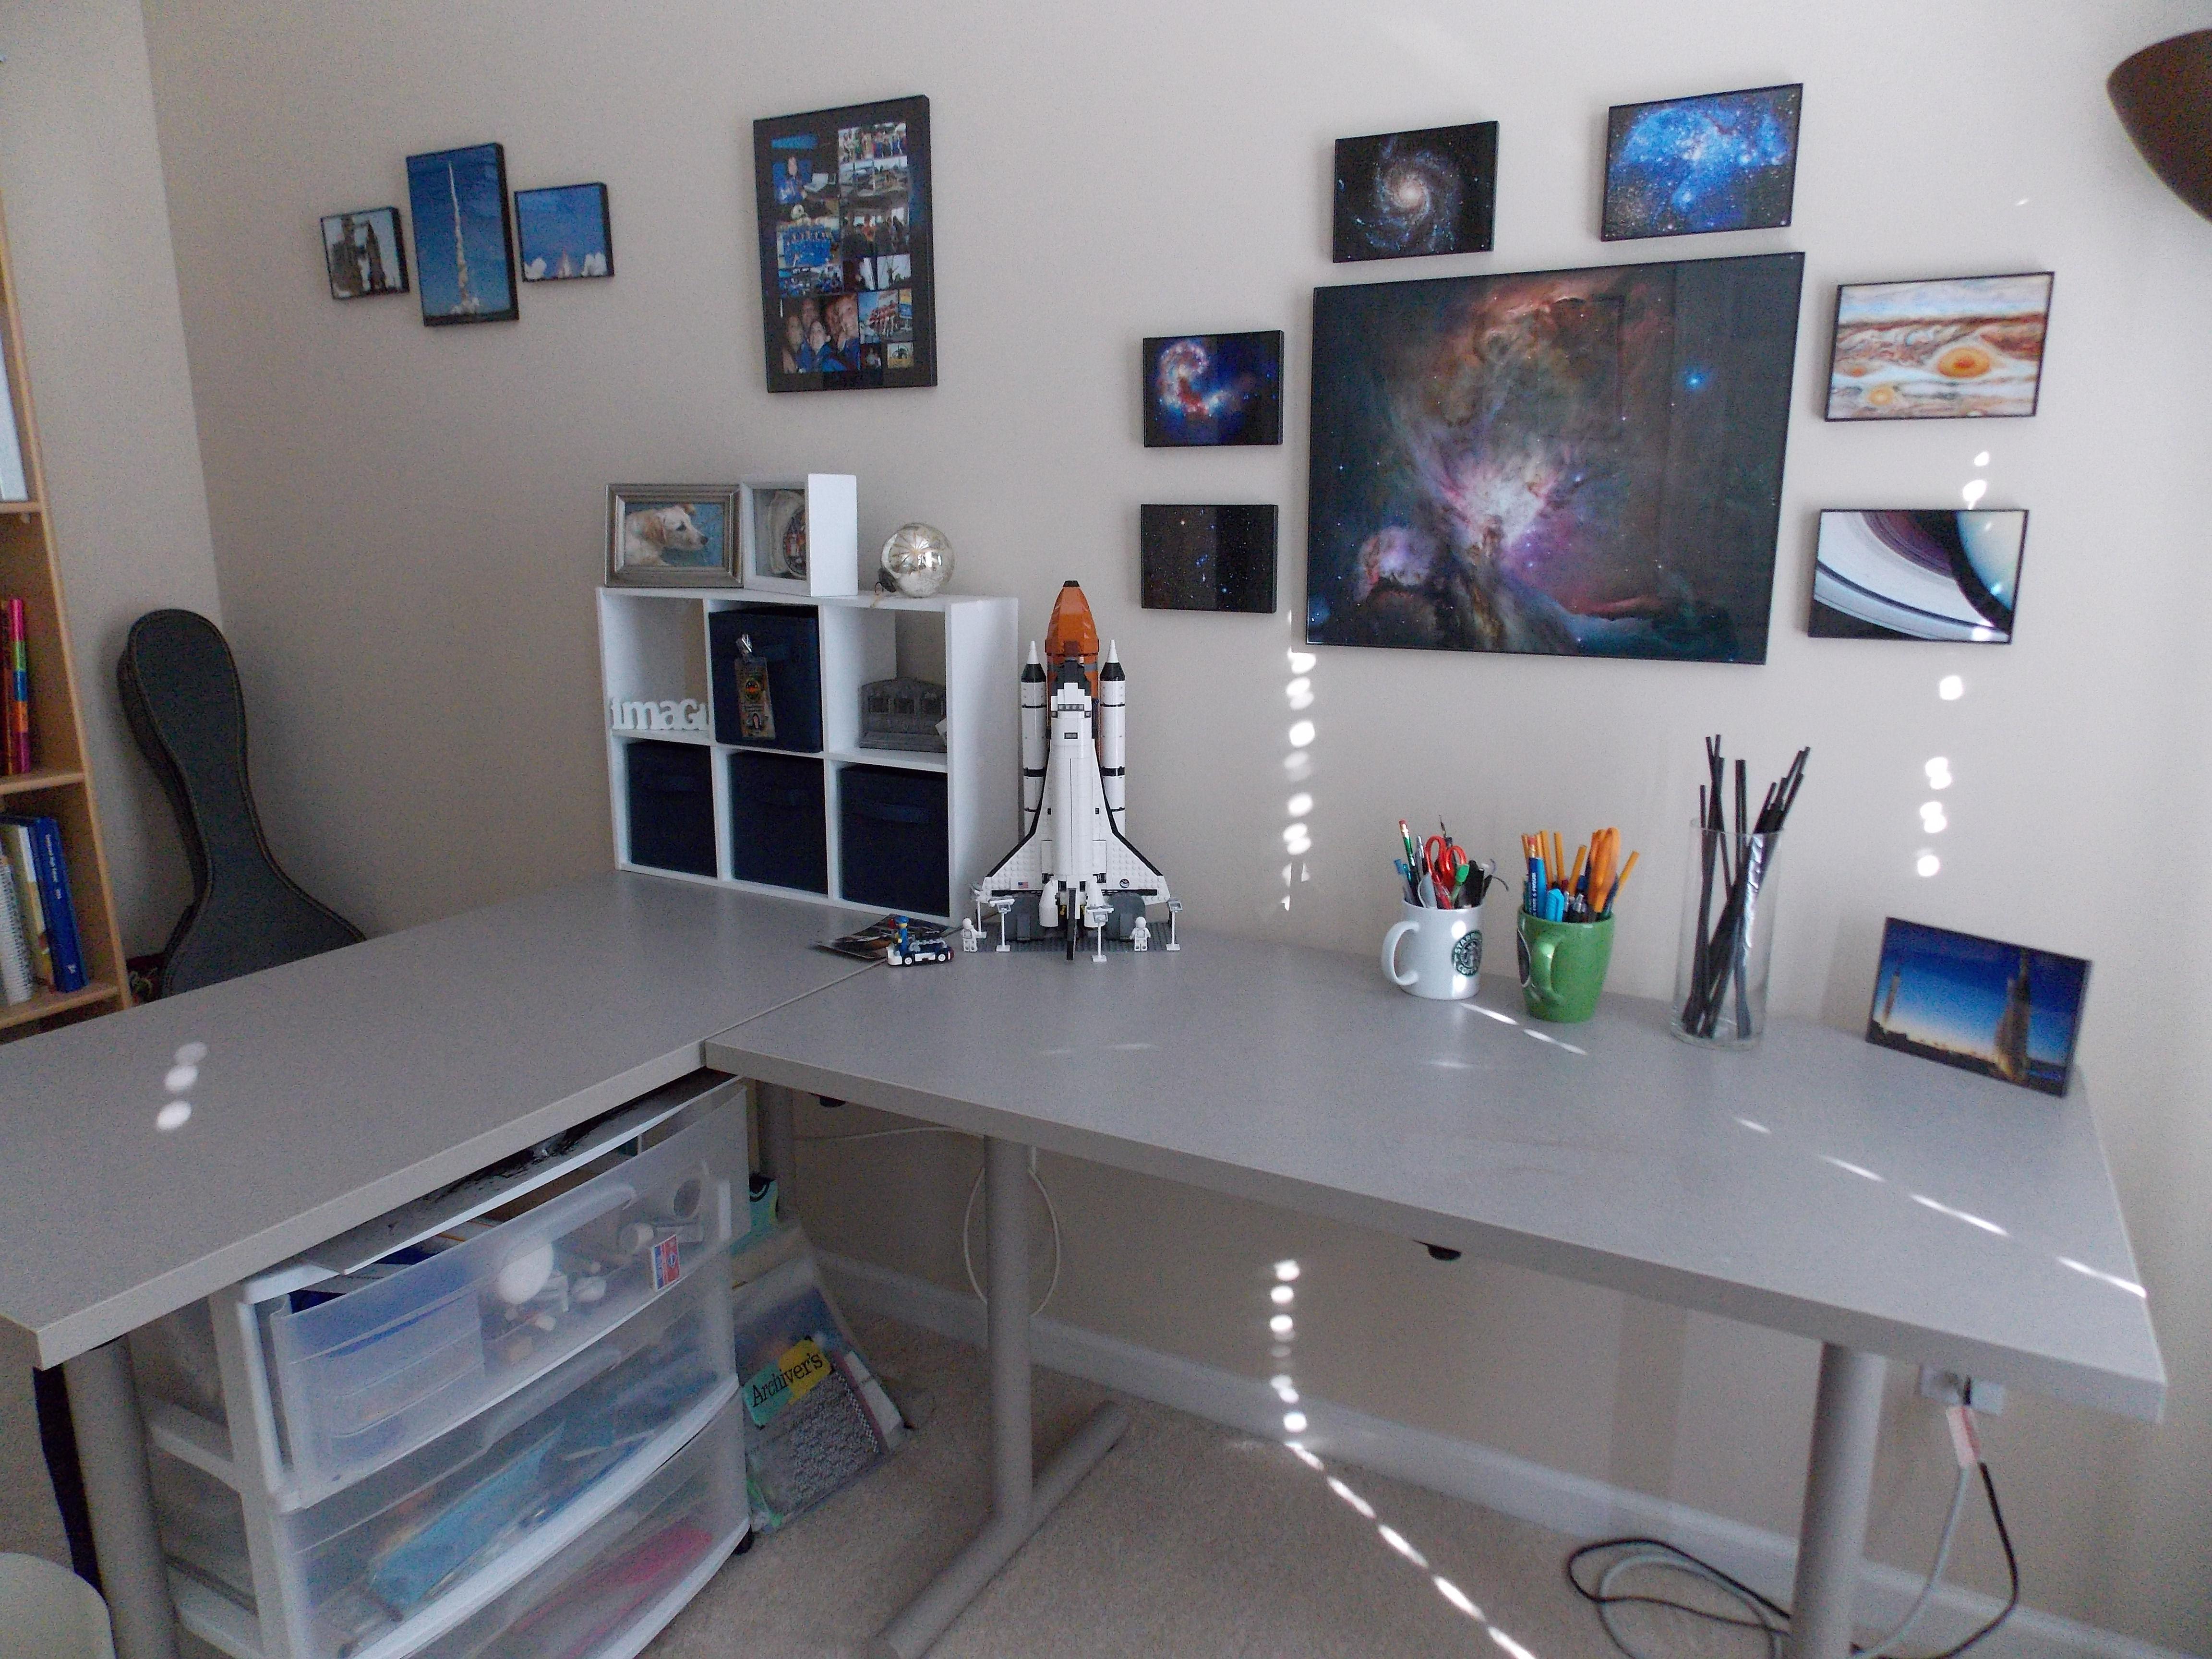 office desk space. Desk Area Office Space